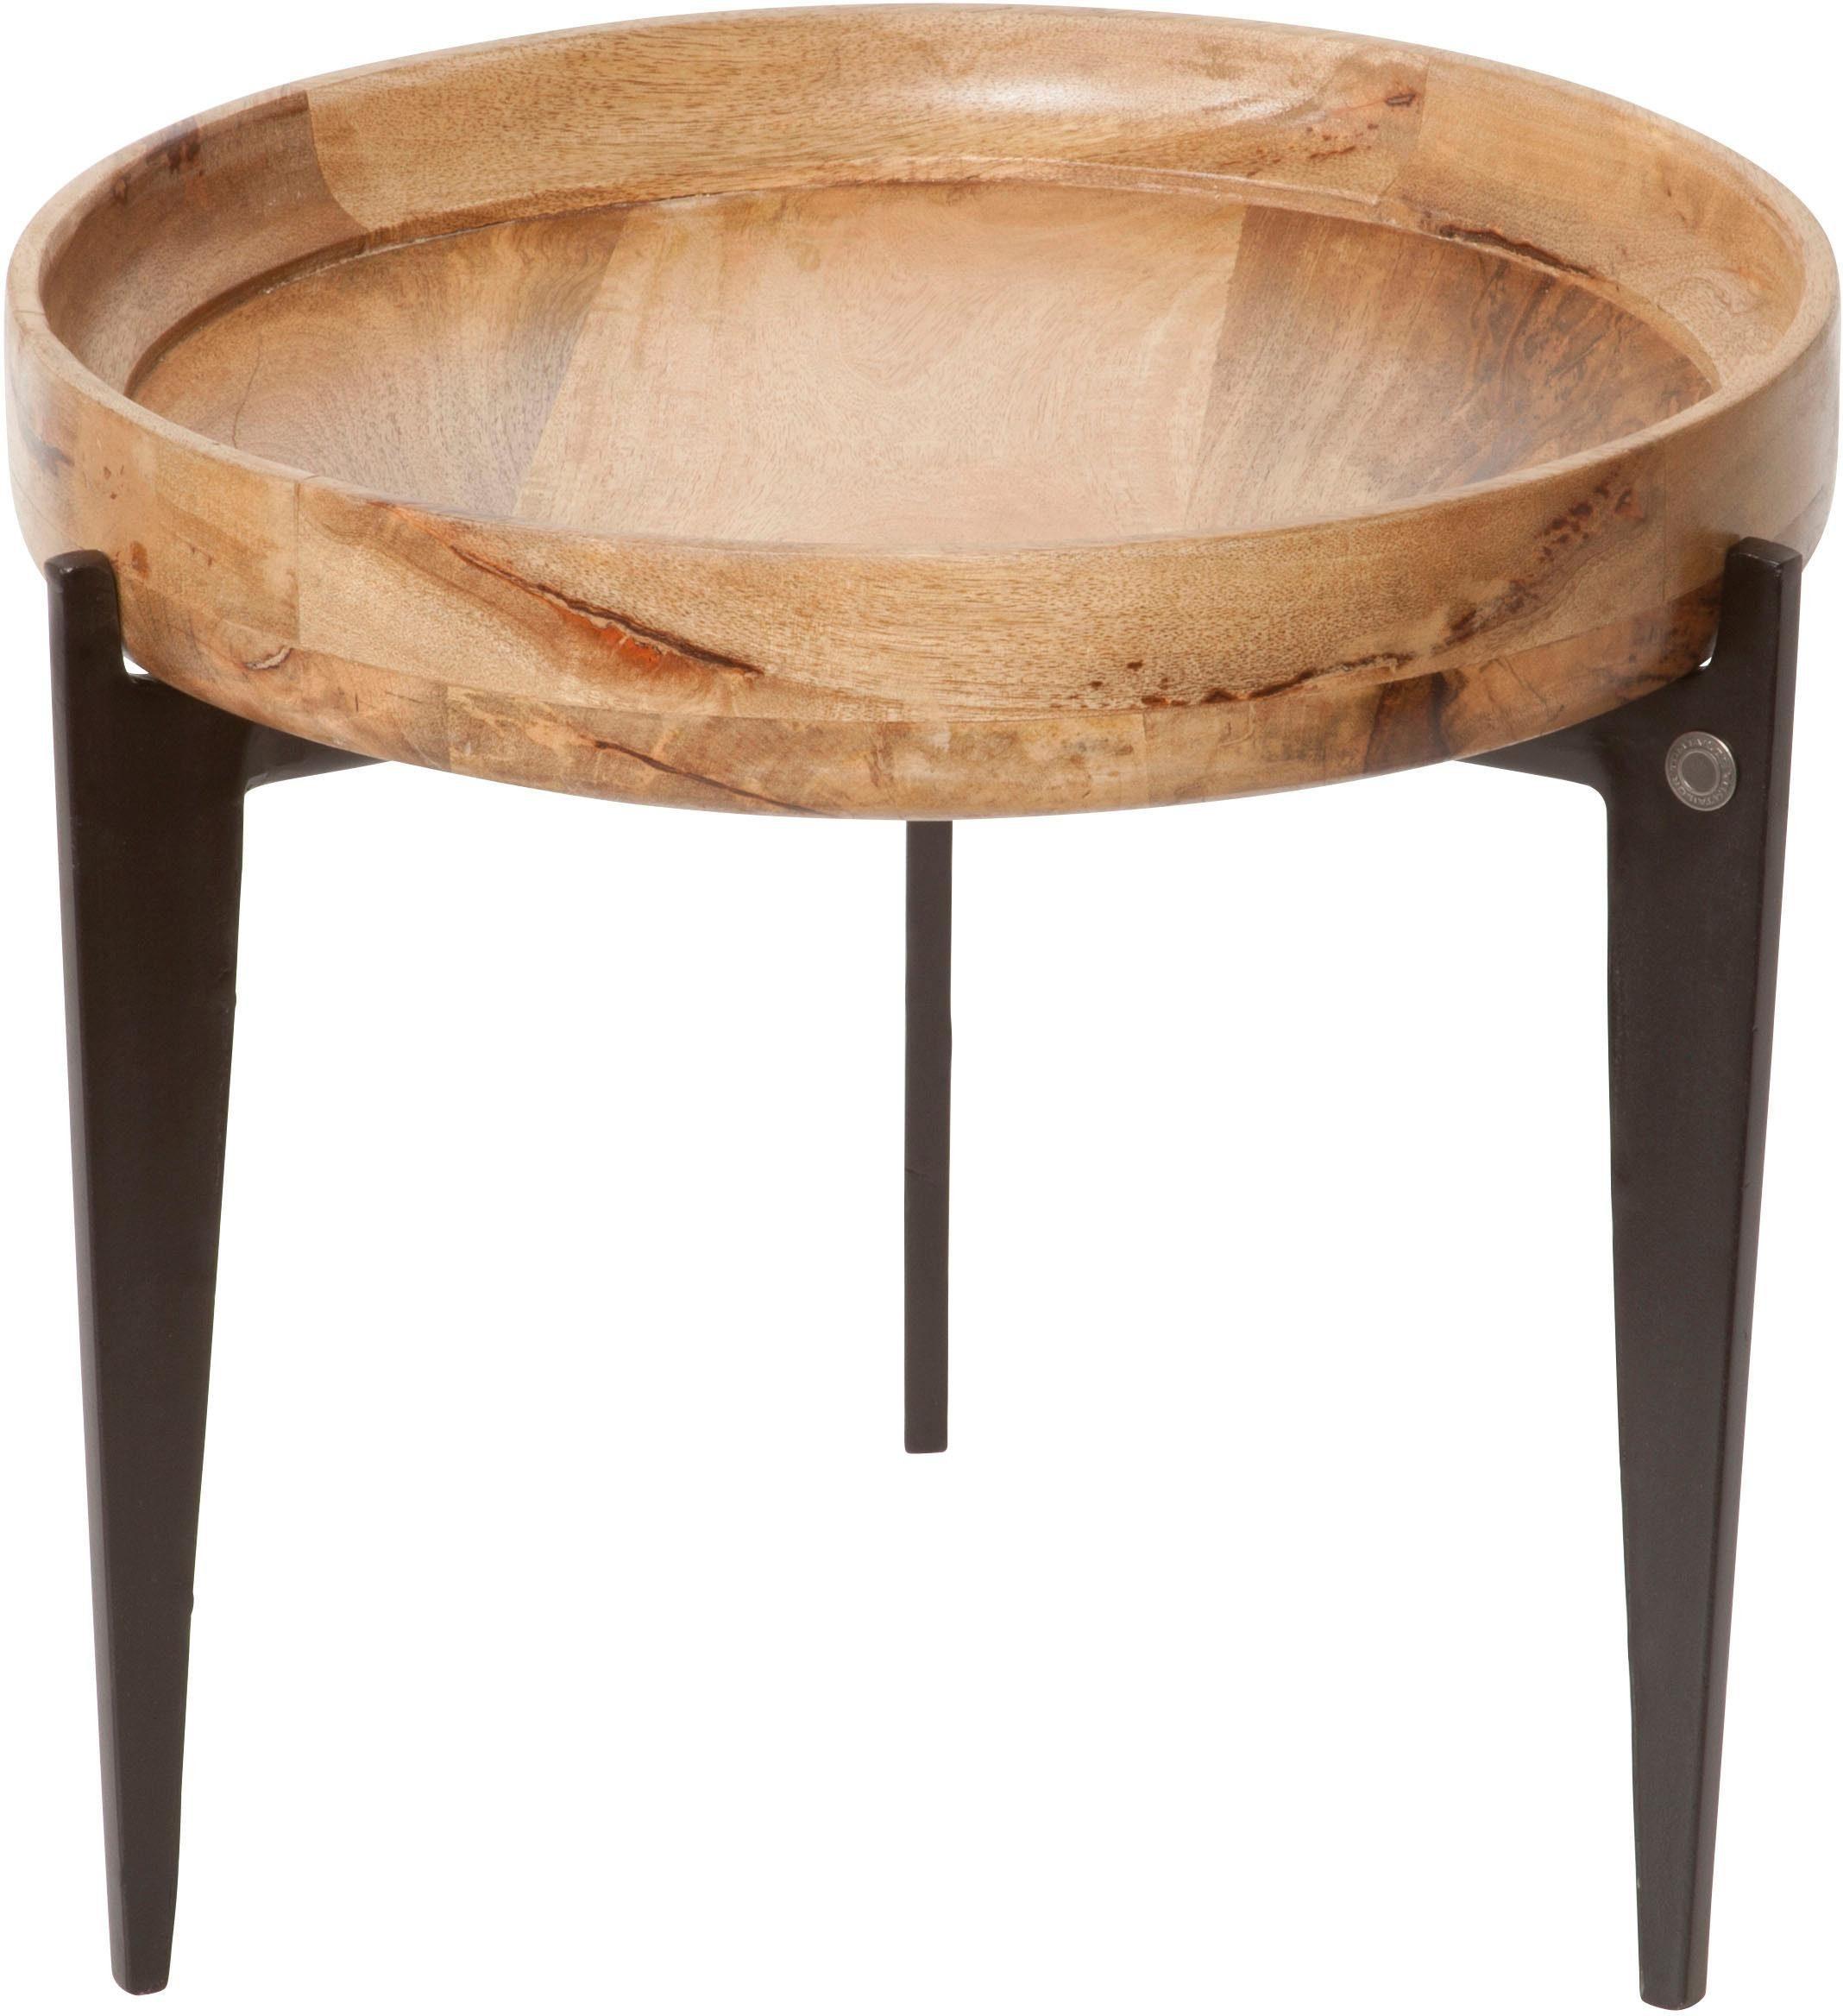 TOM TAILOR Beistelltisch »T-TRAY TABLE SMALL« mit Tablett, rund, ø 46 cm